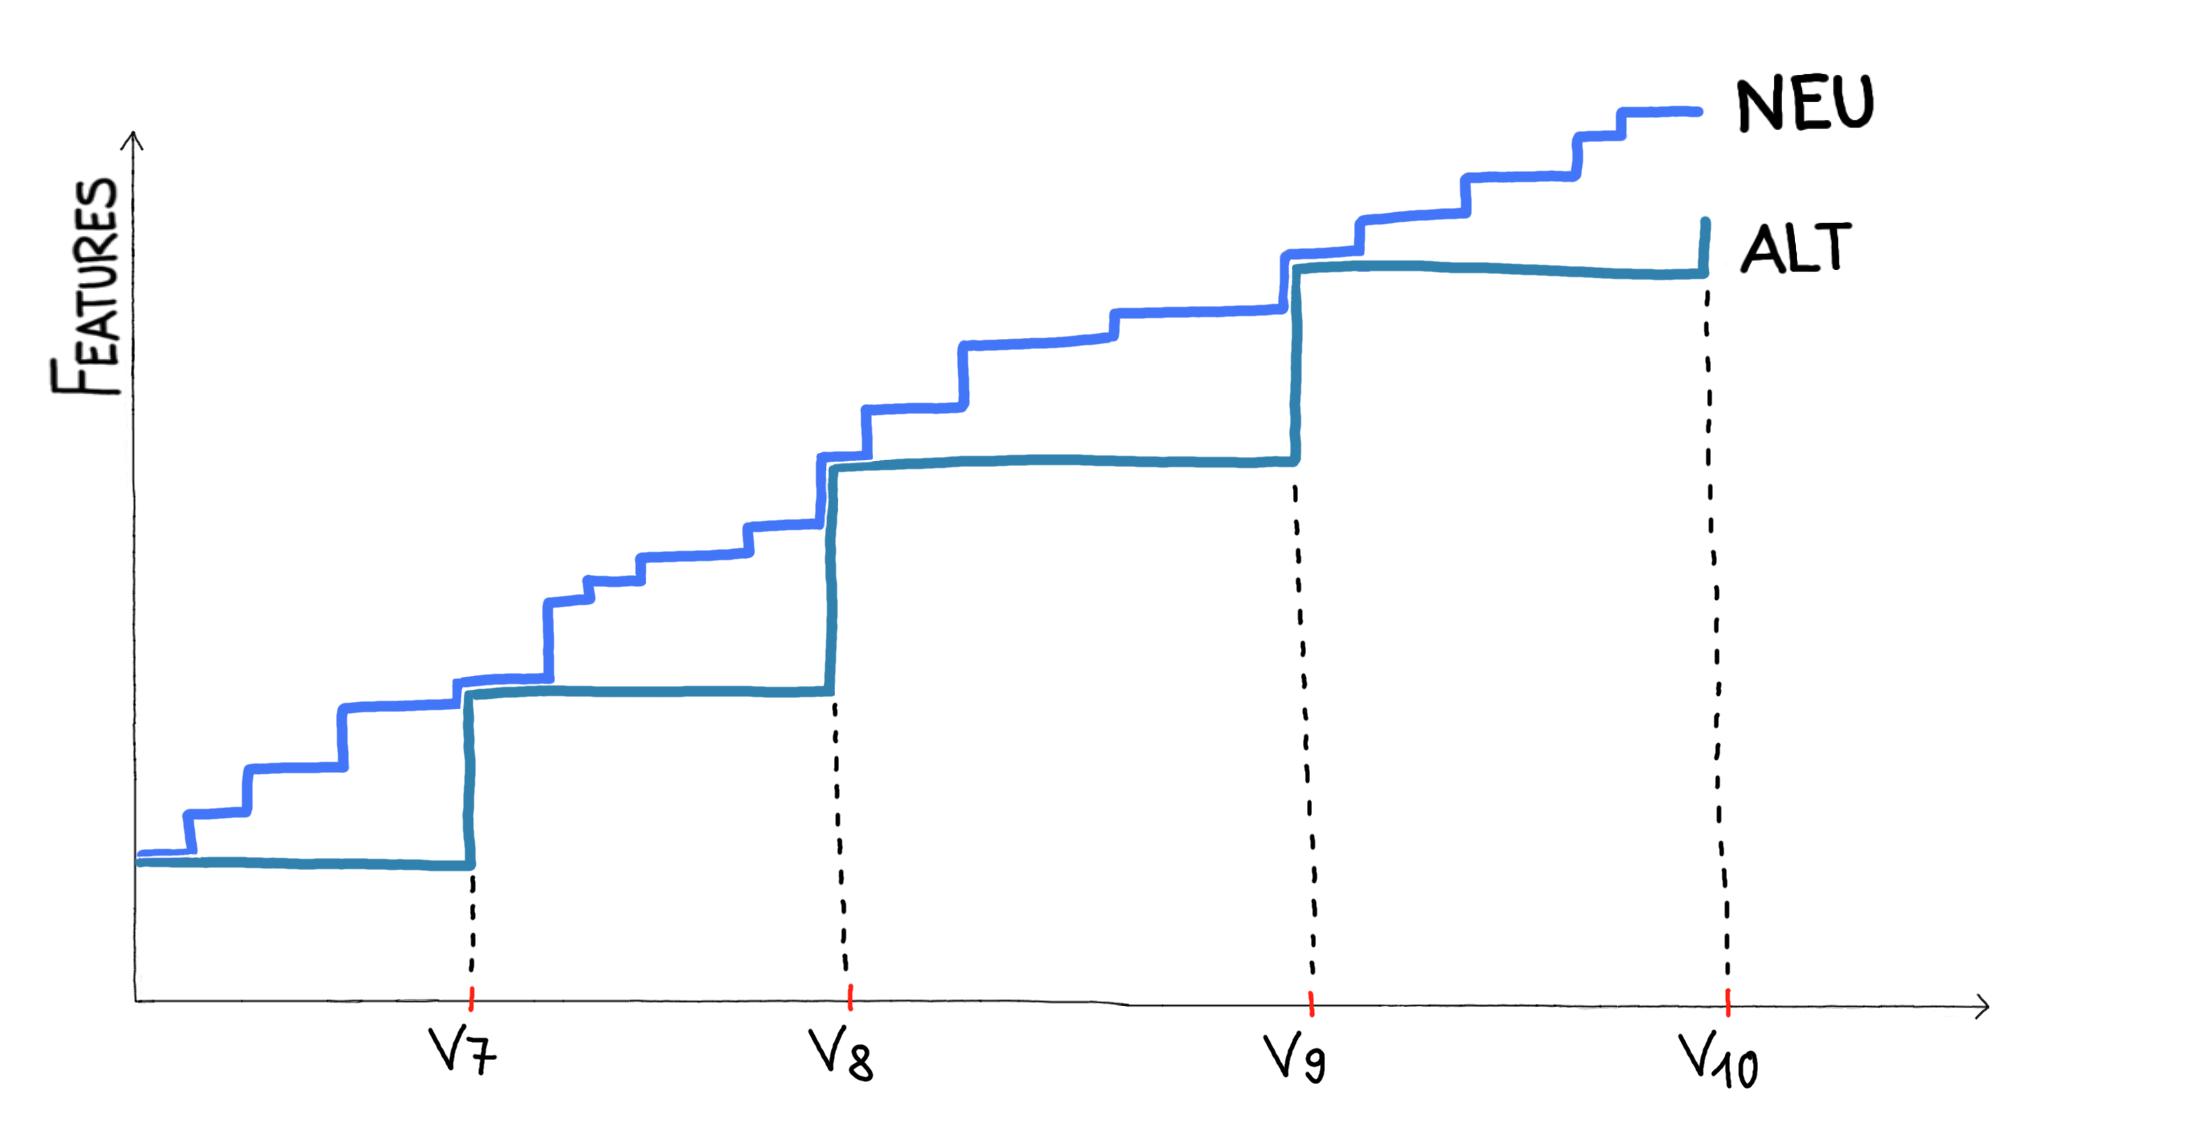 Graph Änderung Weiterentwicklung